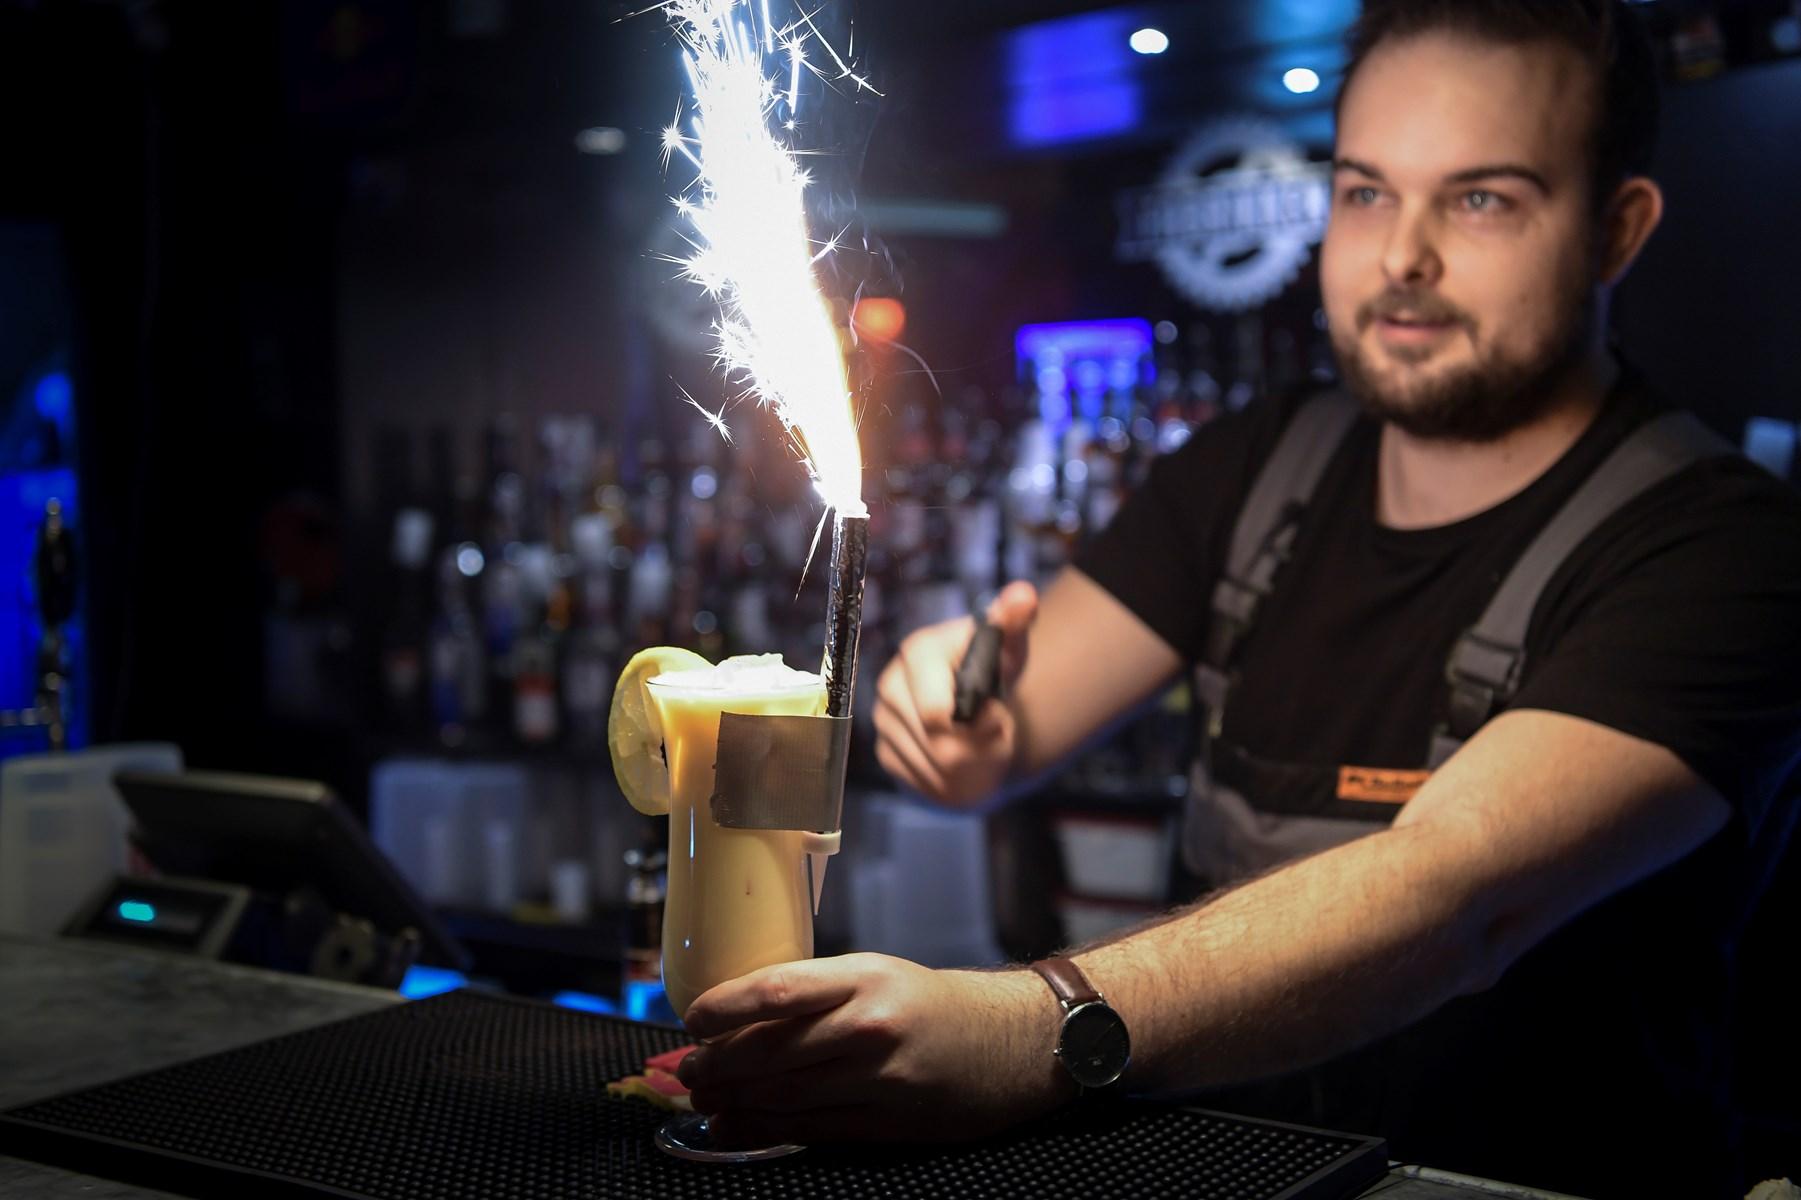 Bartender Nicolas serverer her 'Smuk som et stjerneskud' på Fabrikken.